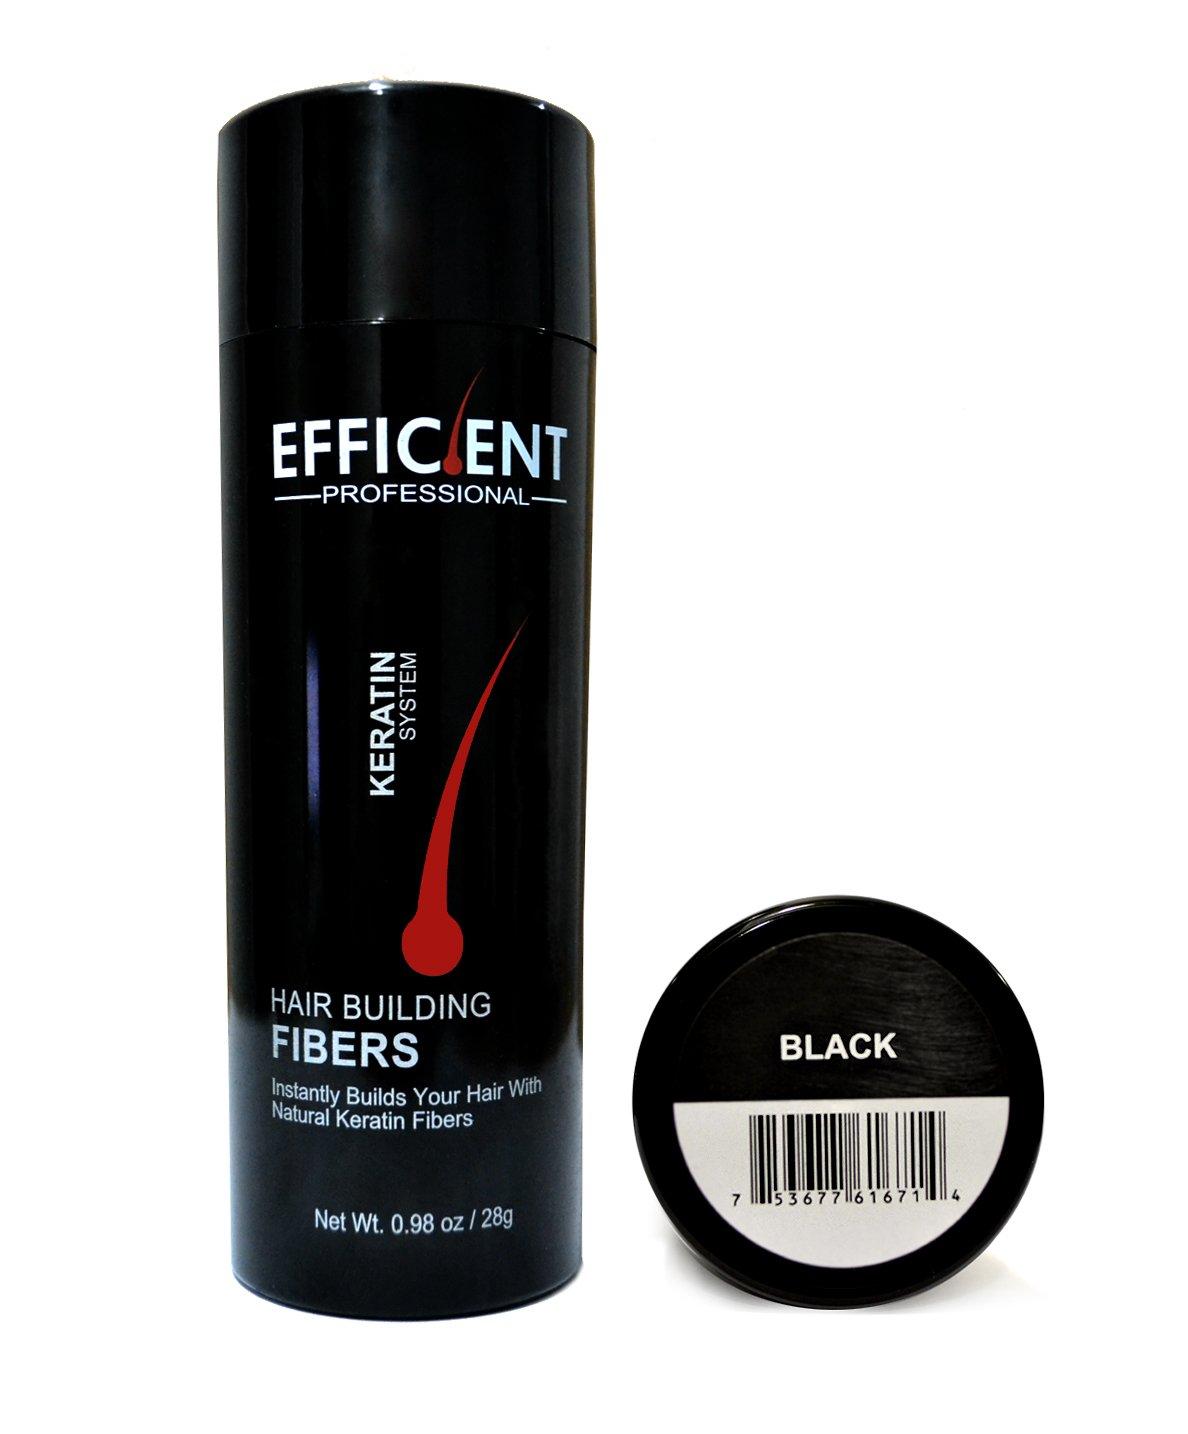 EFFICIENT Keratin Hair Building Fibers Loss Concealer Max 50% OFF Net Max 57% OFF